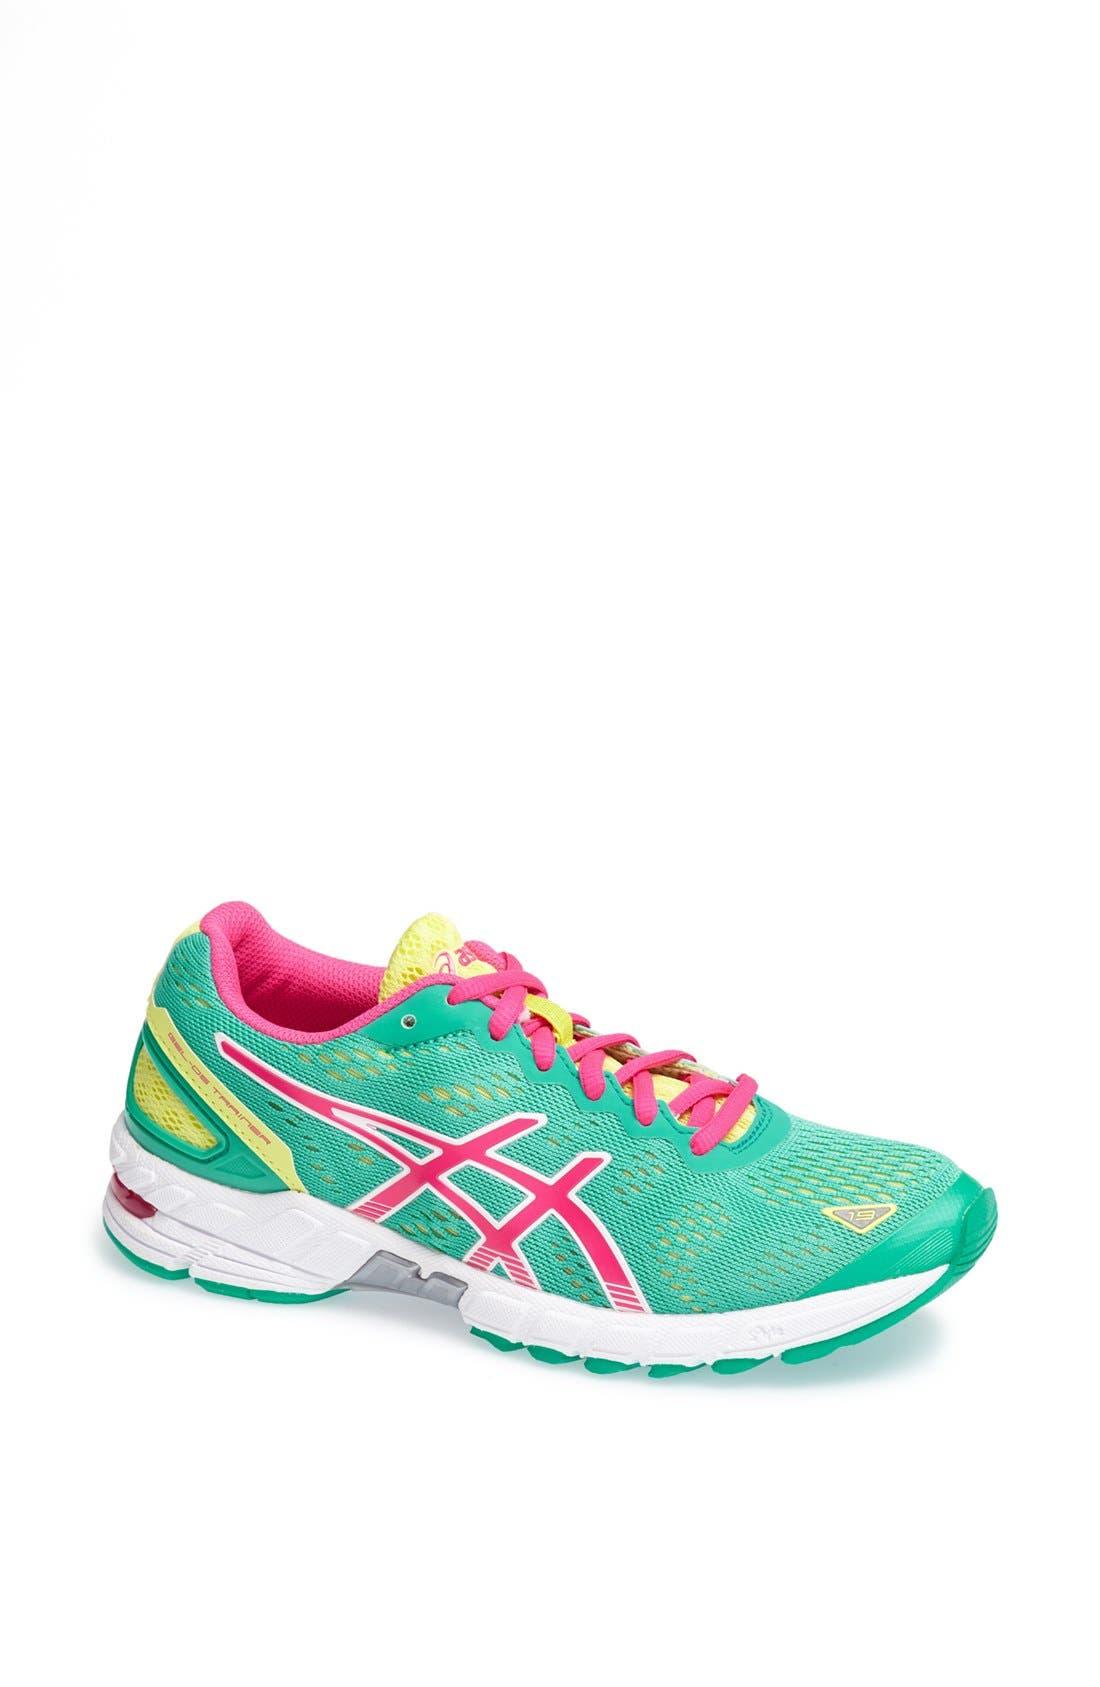 Alternate Image 1 Selected - ASICS® 'GEL-DS Trainer19' Running Shoe (Women)